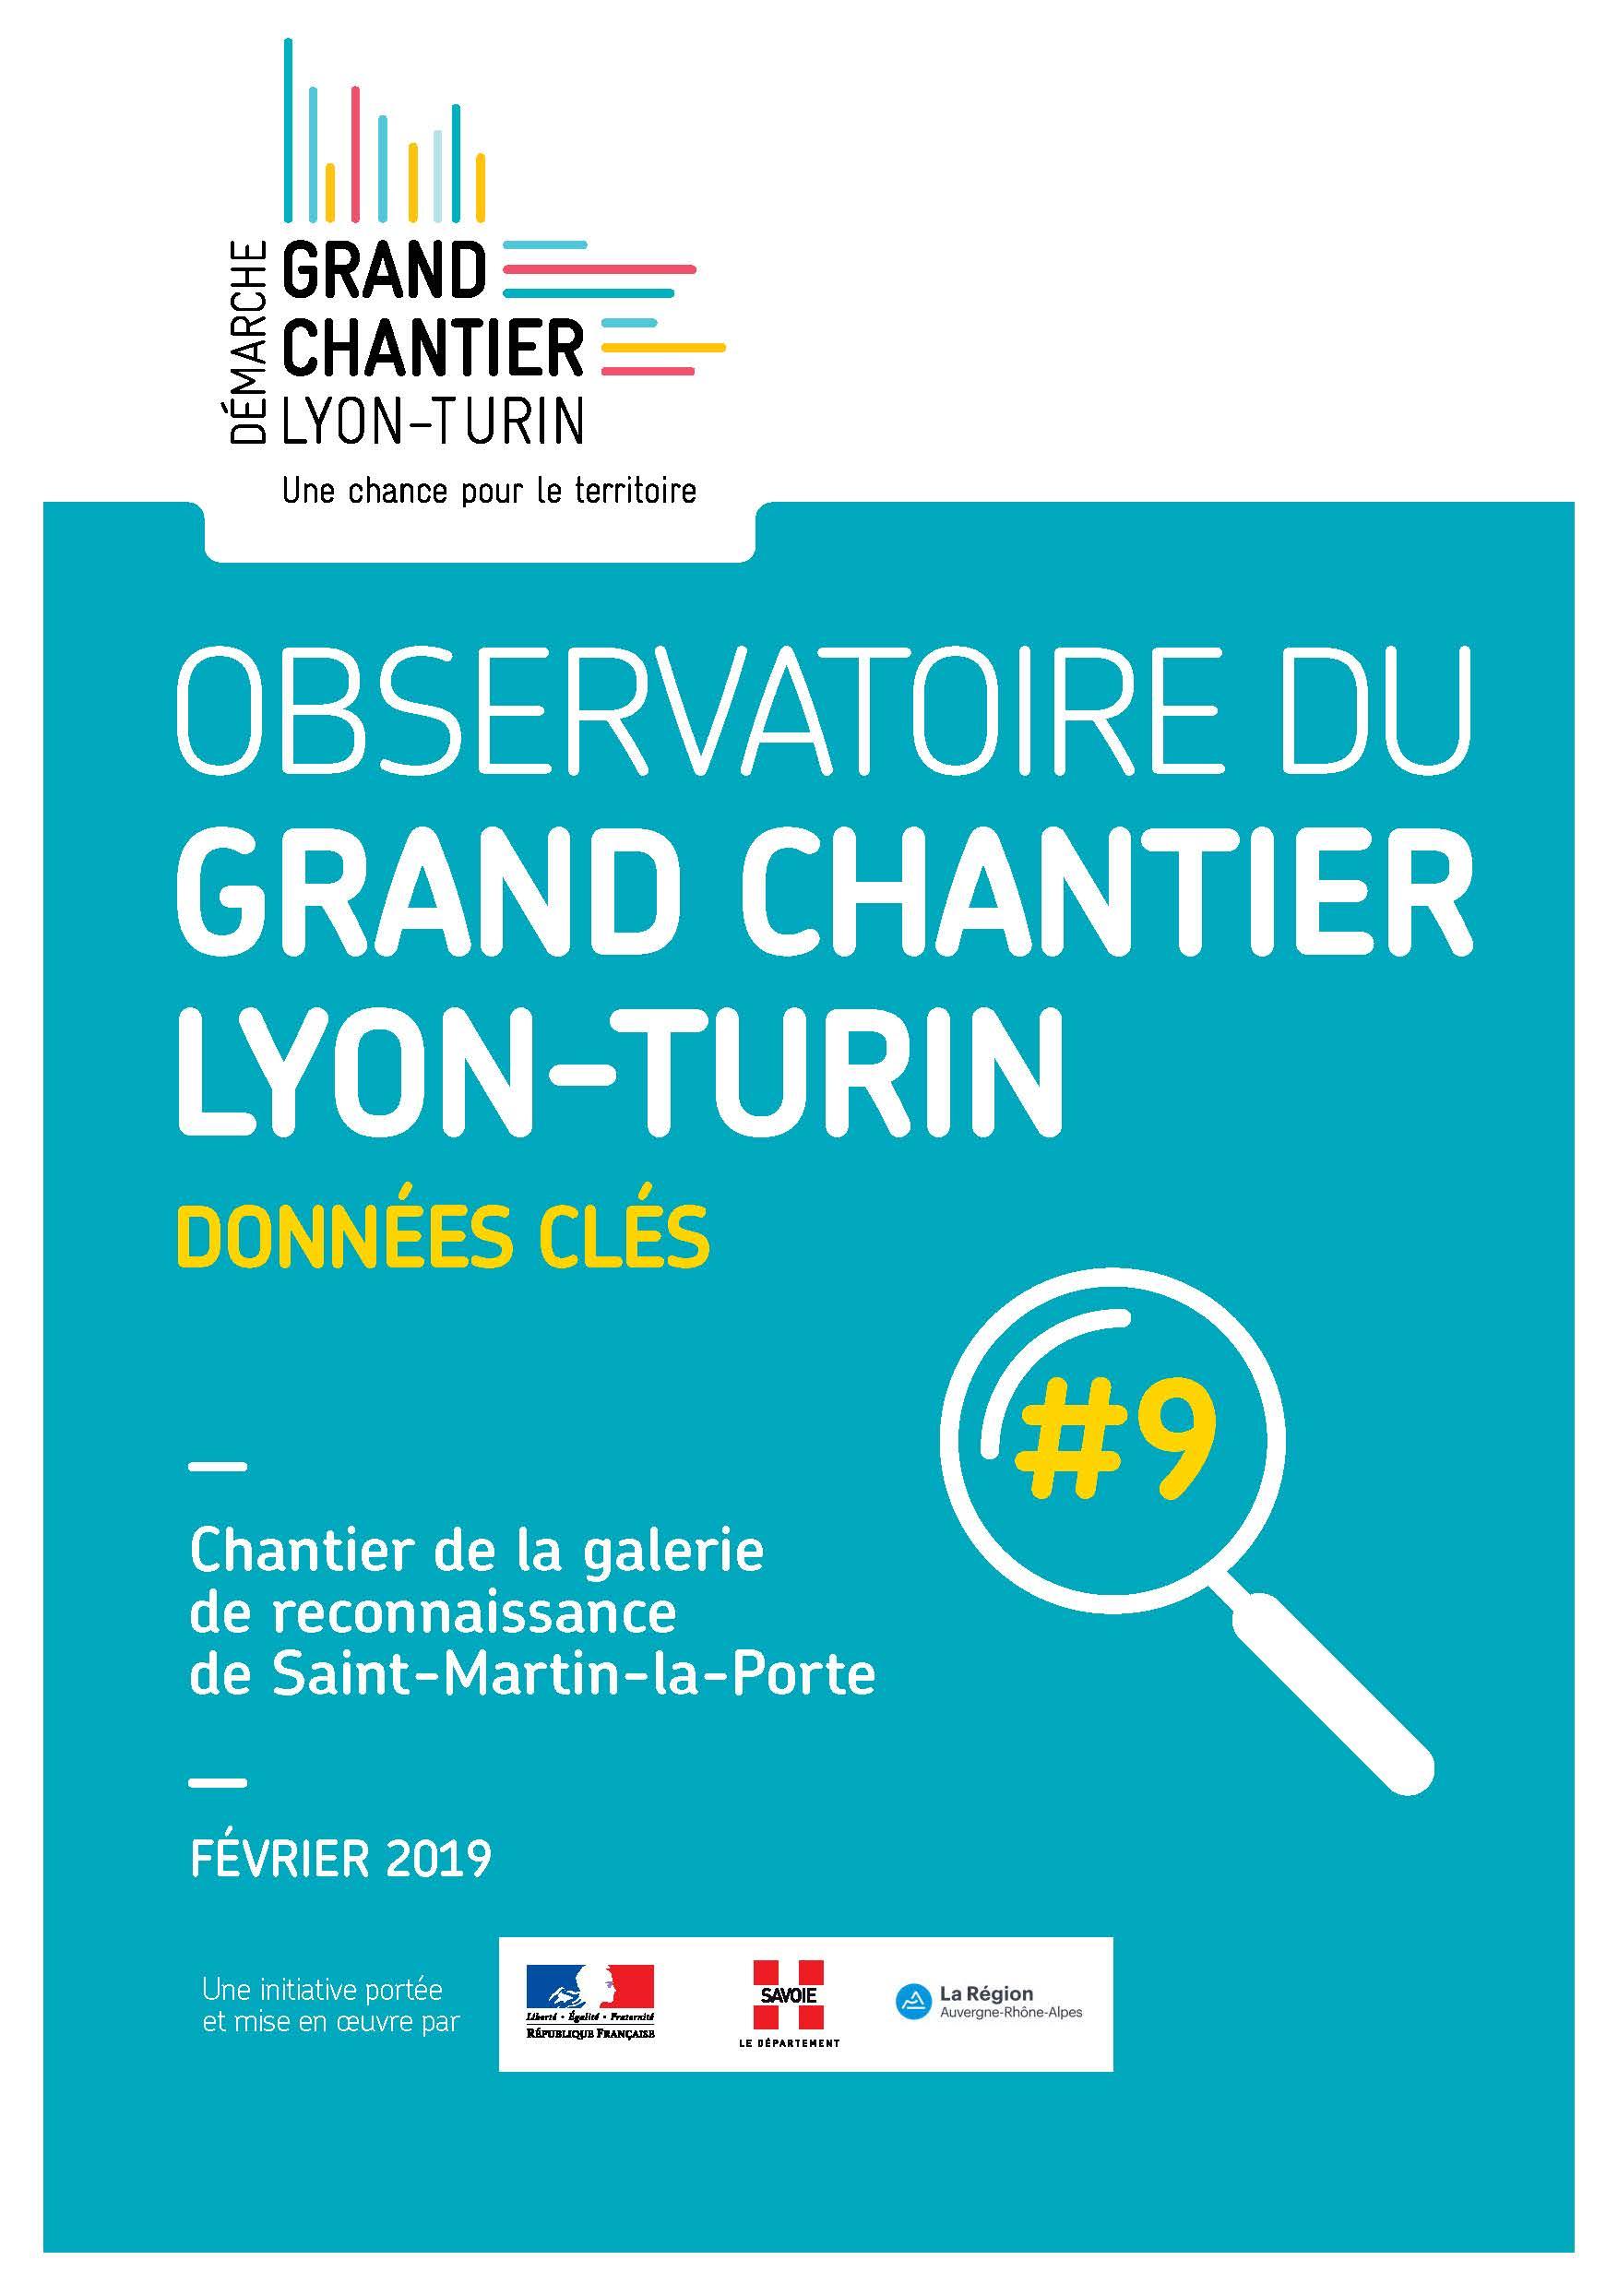 Pages de OBS DGC Lyon-Turin - données clés n°9 - 02 2019